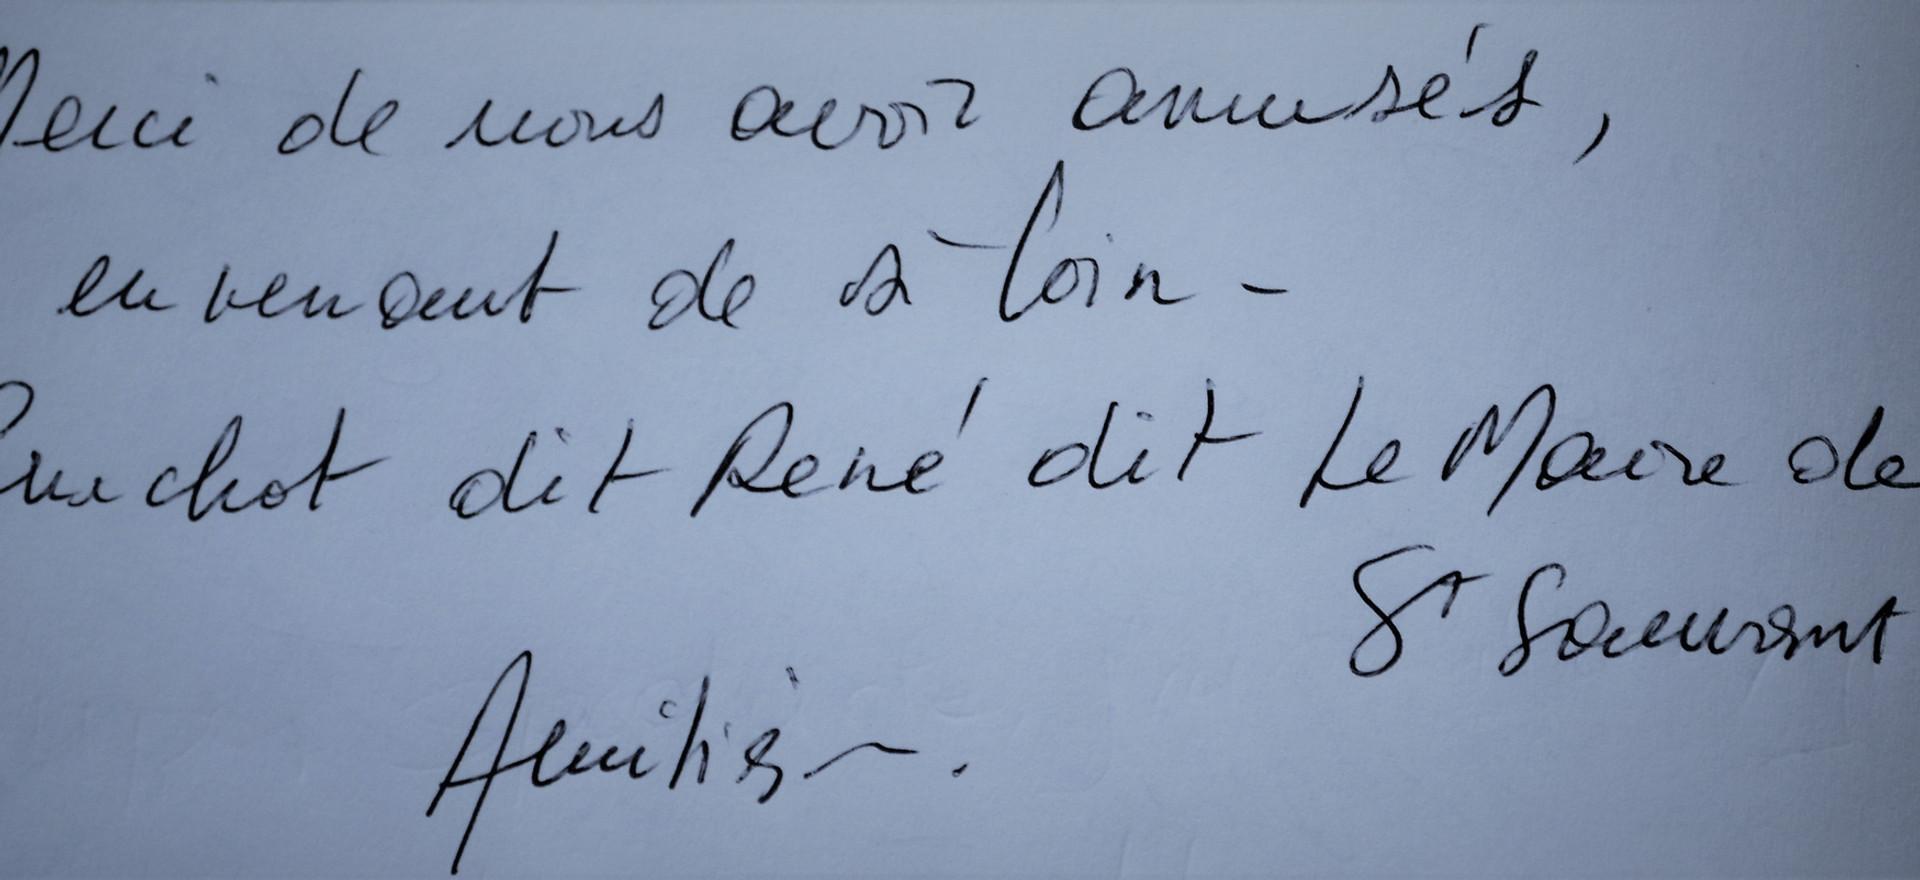 Saint-Sauvant (86), le 26 janvier 2019